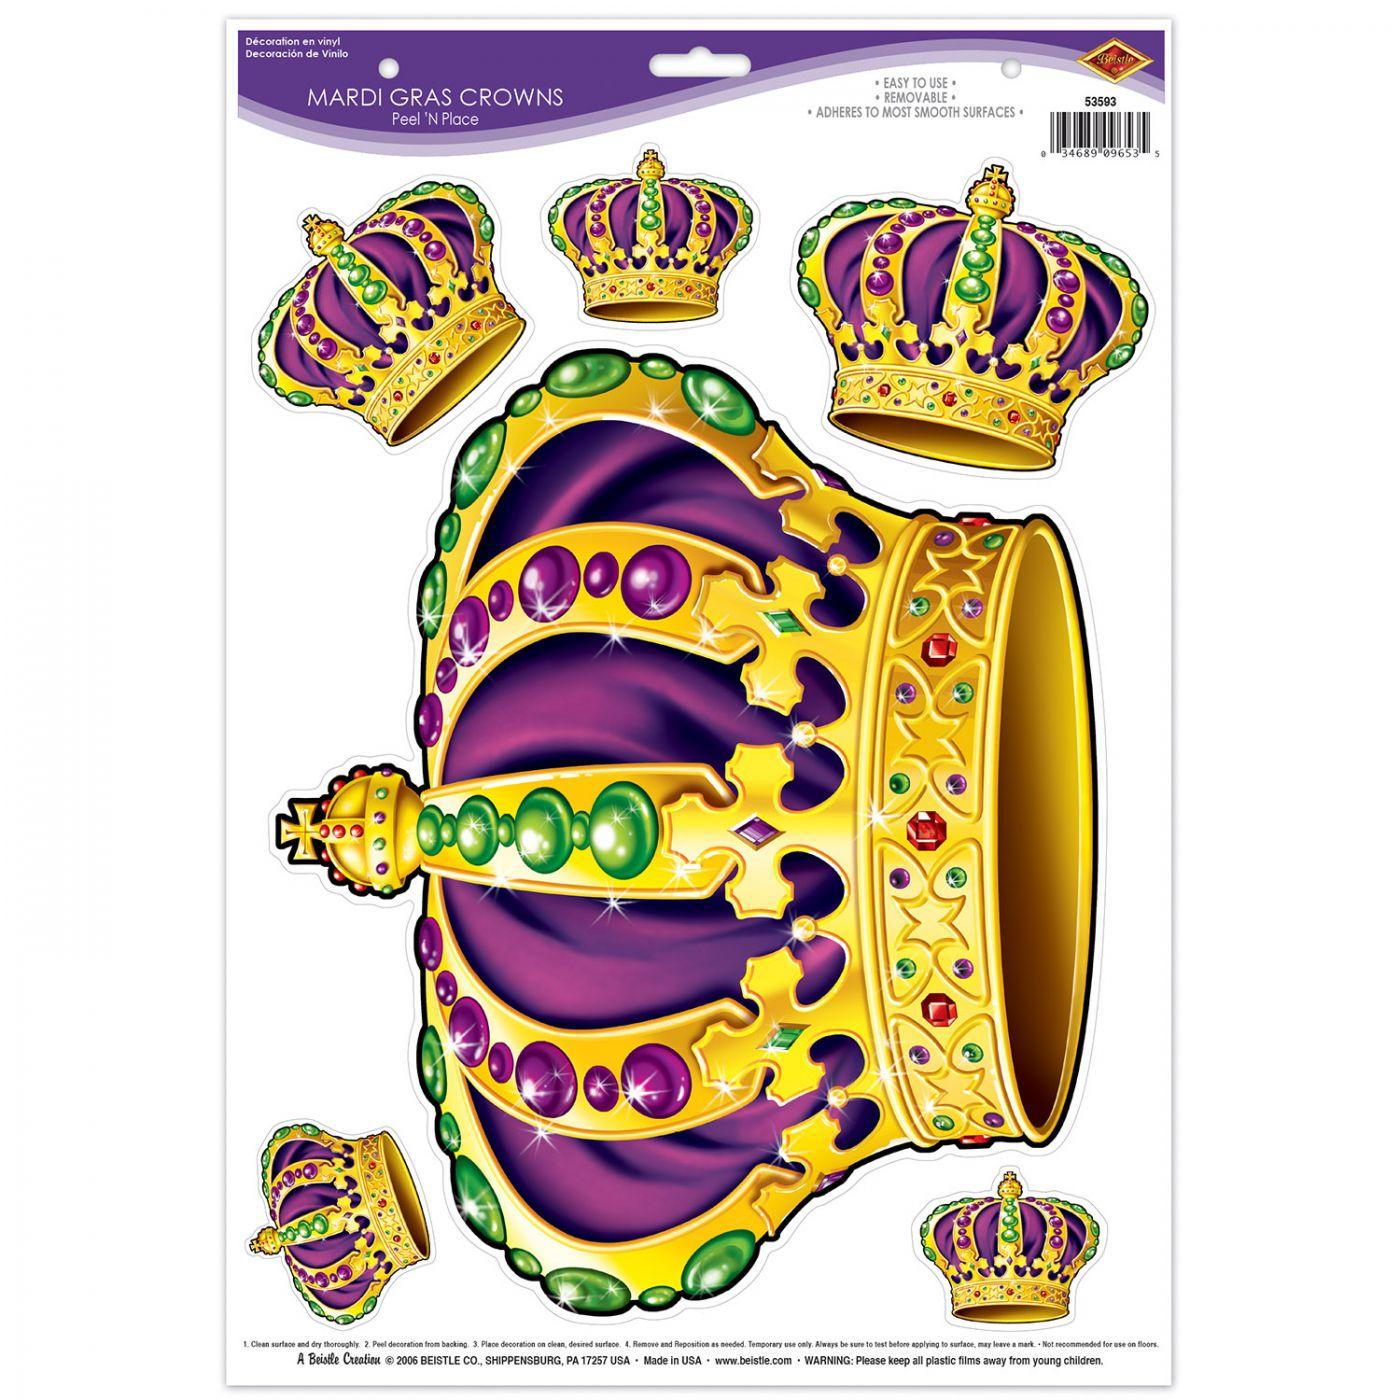 Mardi Gras Crowns Peel 'N Place image